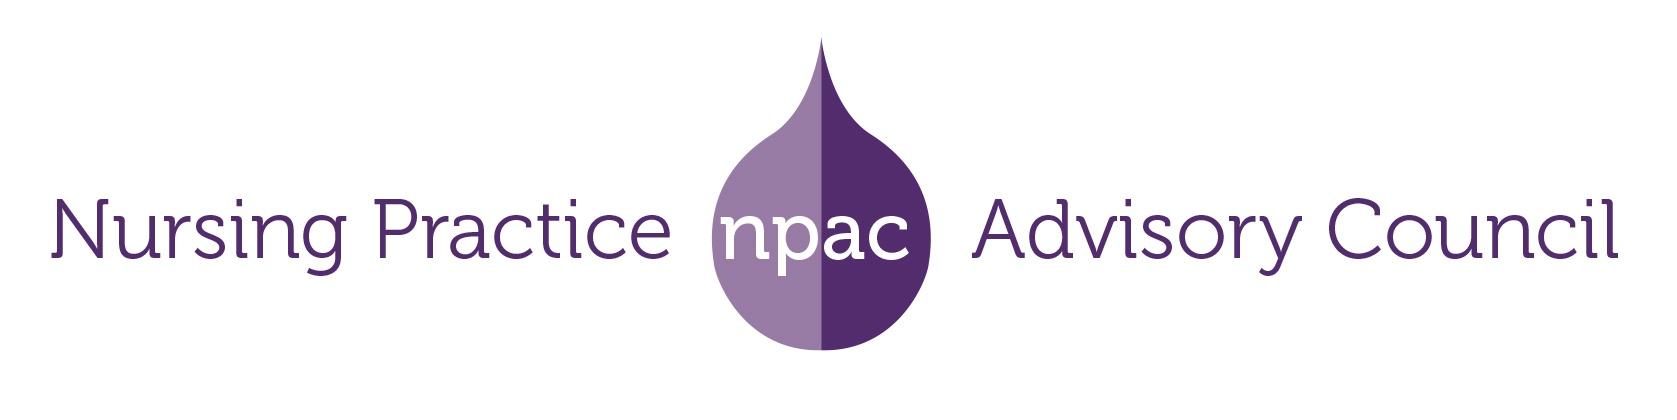 NPAC_logo_final.jpg